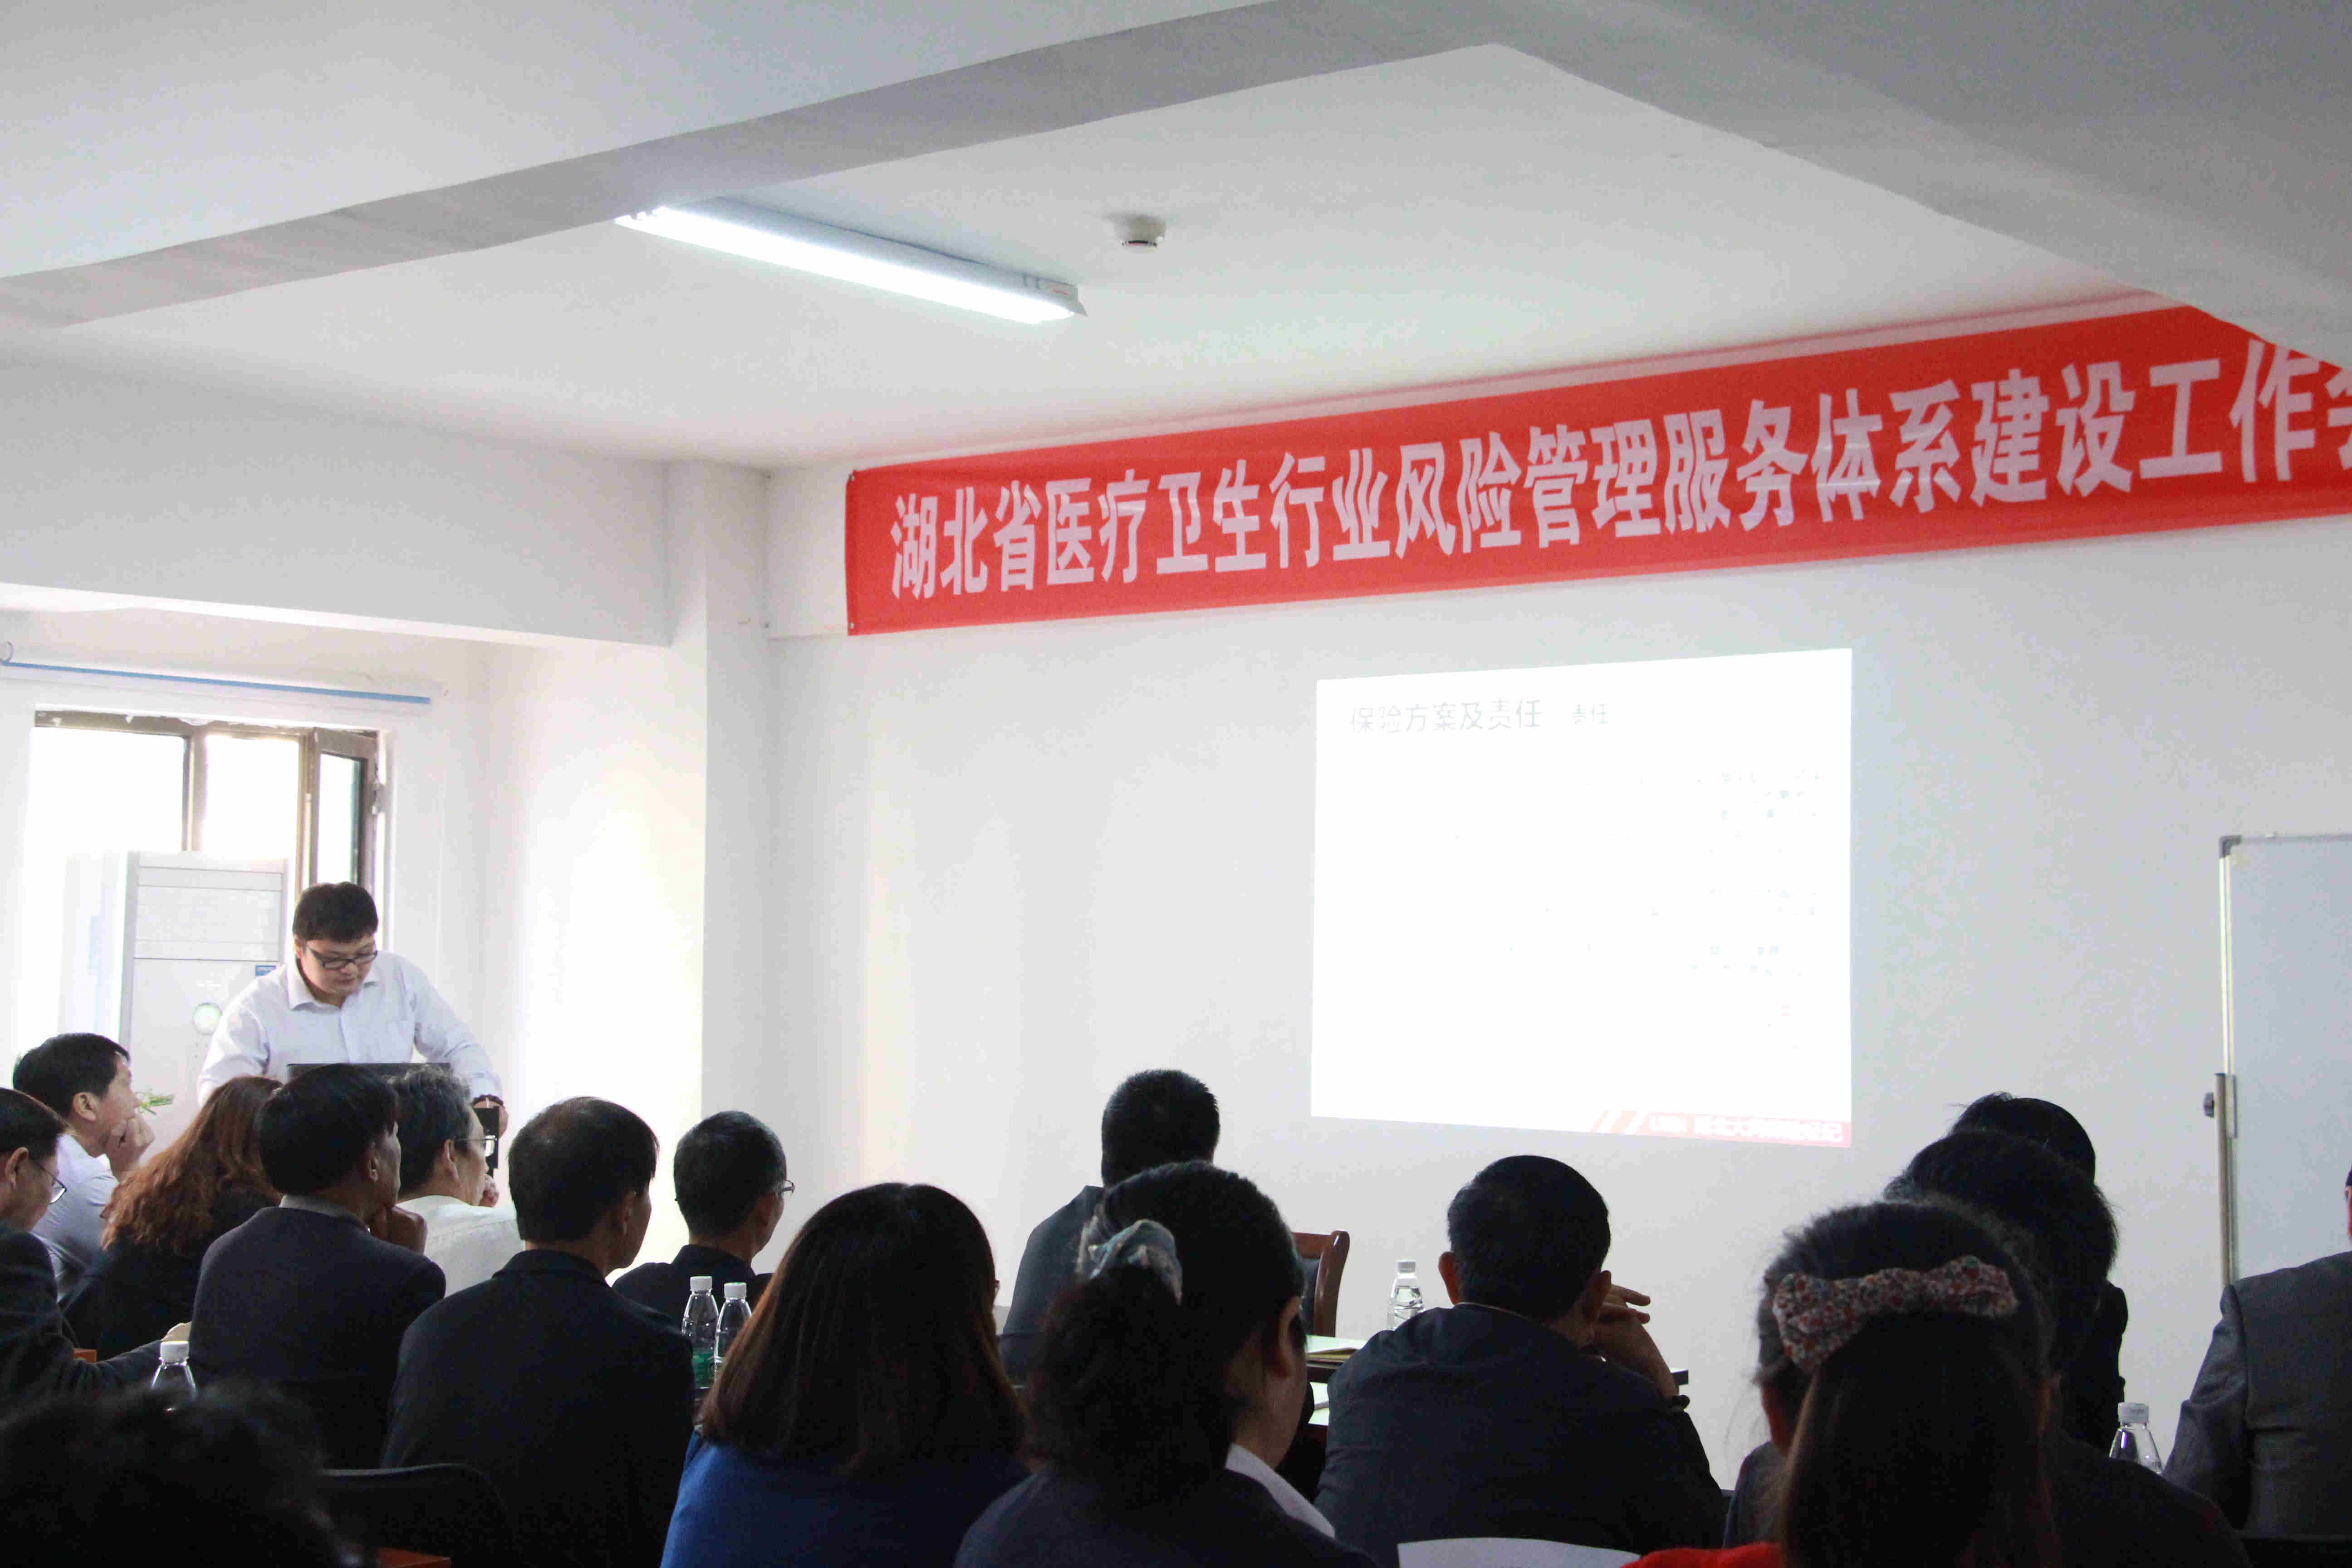 湖北省医疗卫生行业风险管理服务体系建设工作会